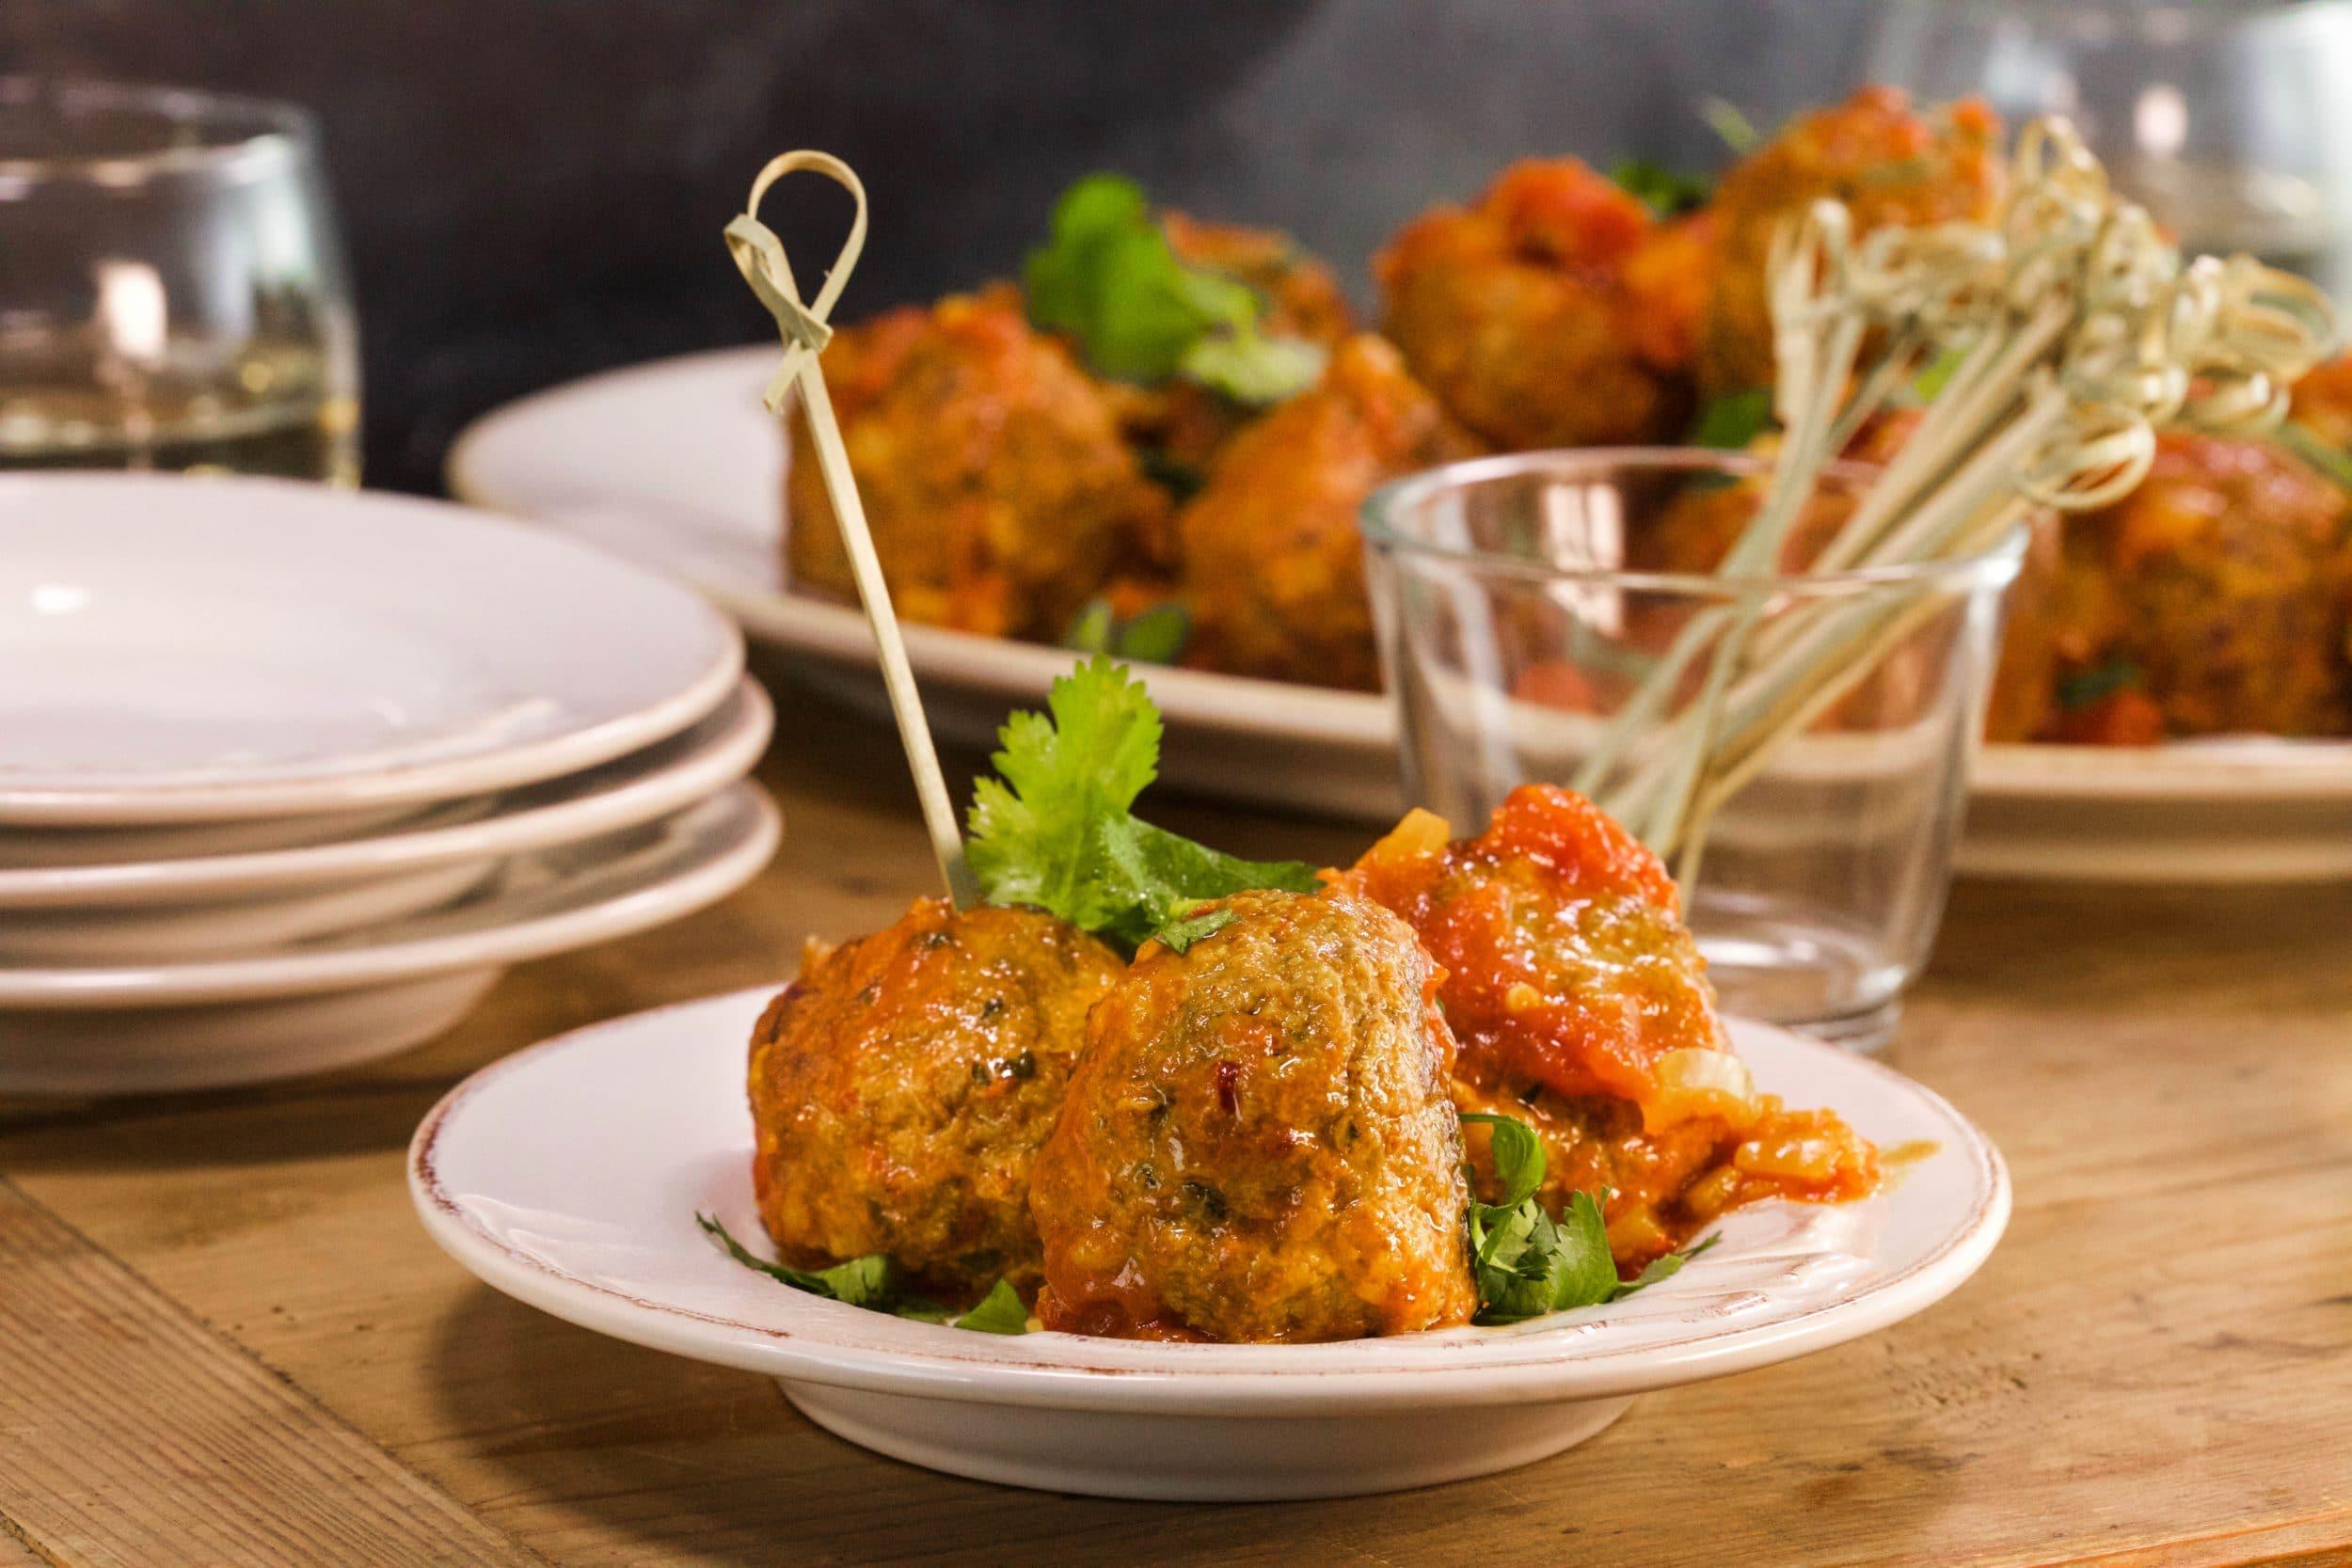 Albondigas (Spanish-Style Meatballs in Tomato Sauce)